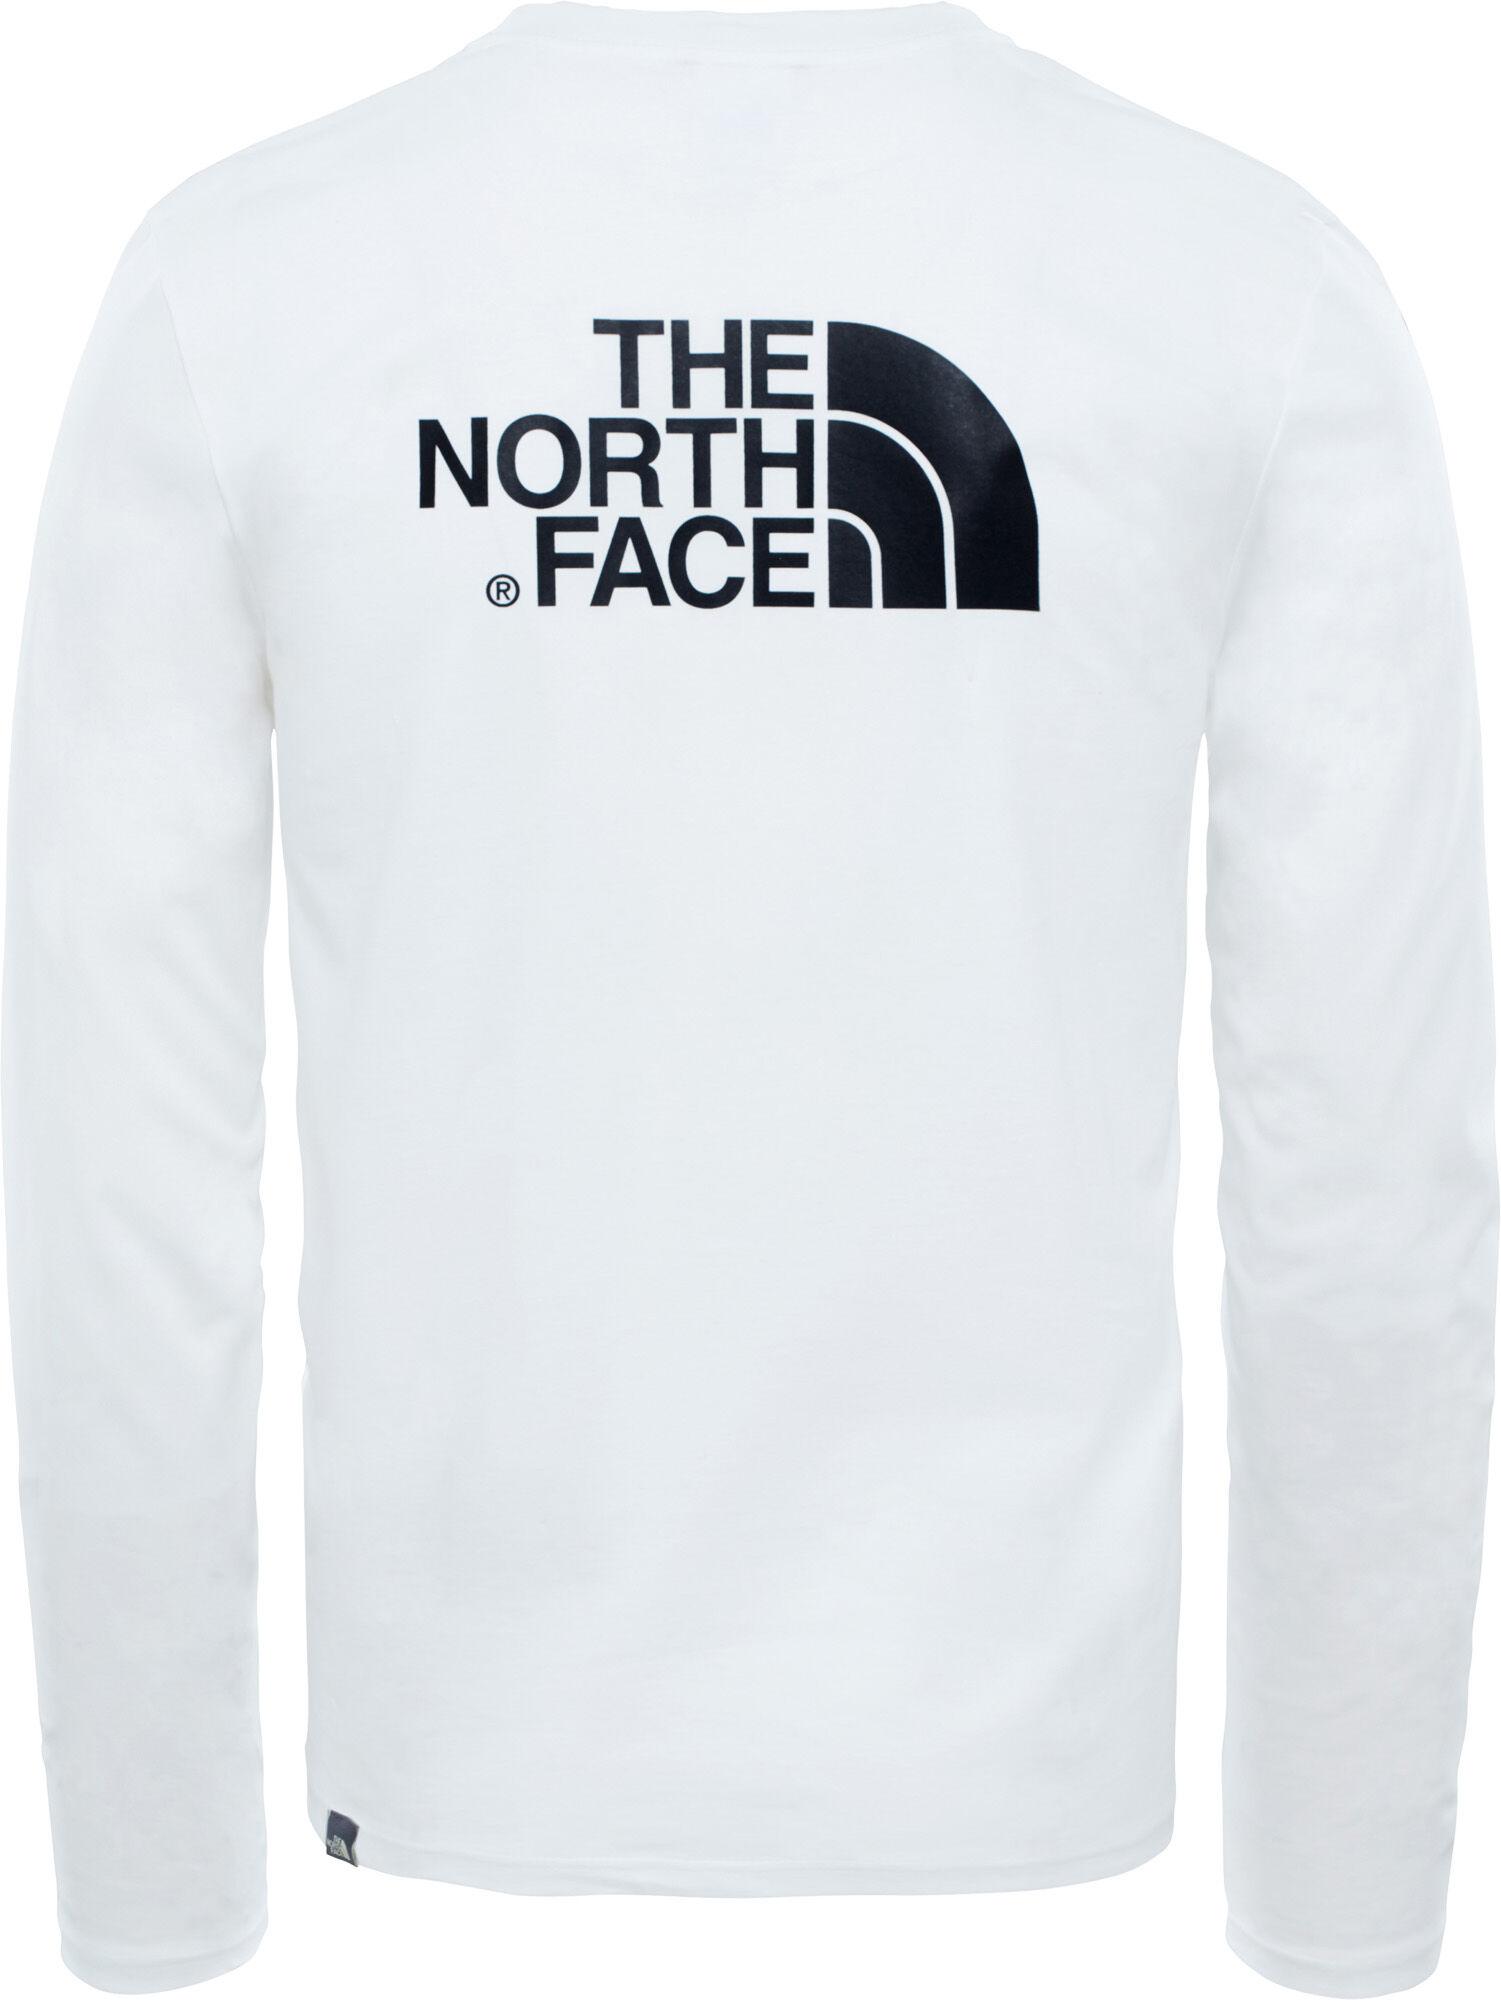 The North Face | Easy fritidsgenser herre | T skjorter